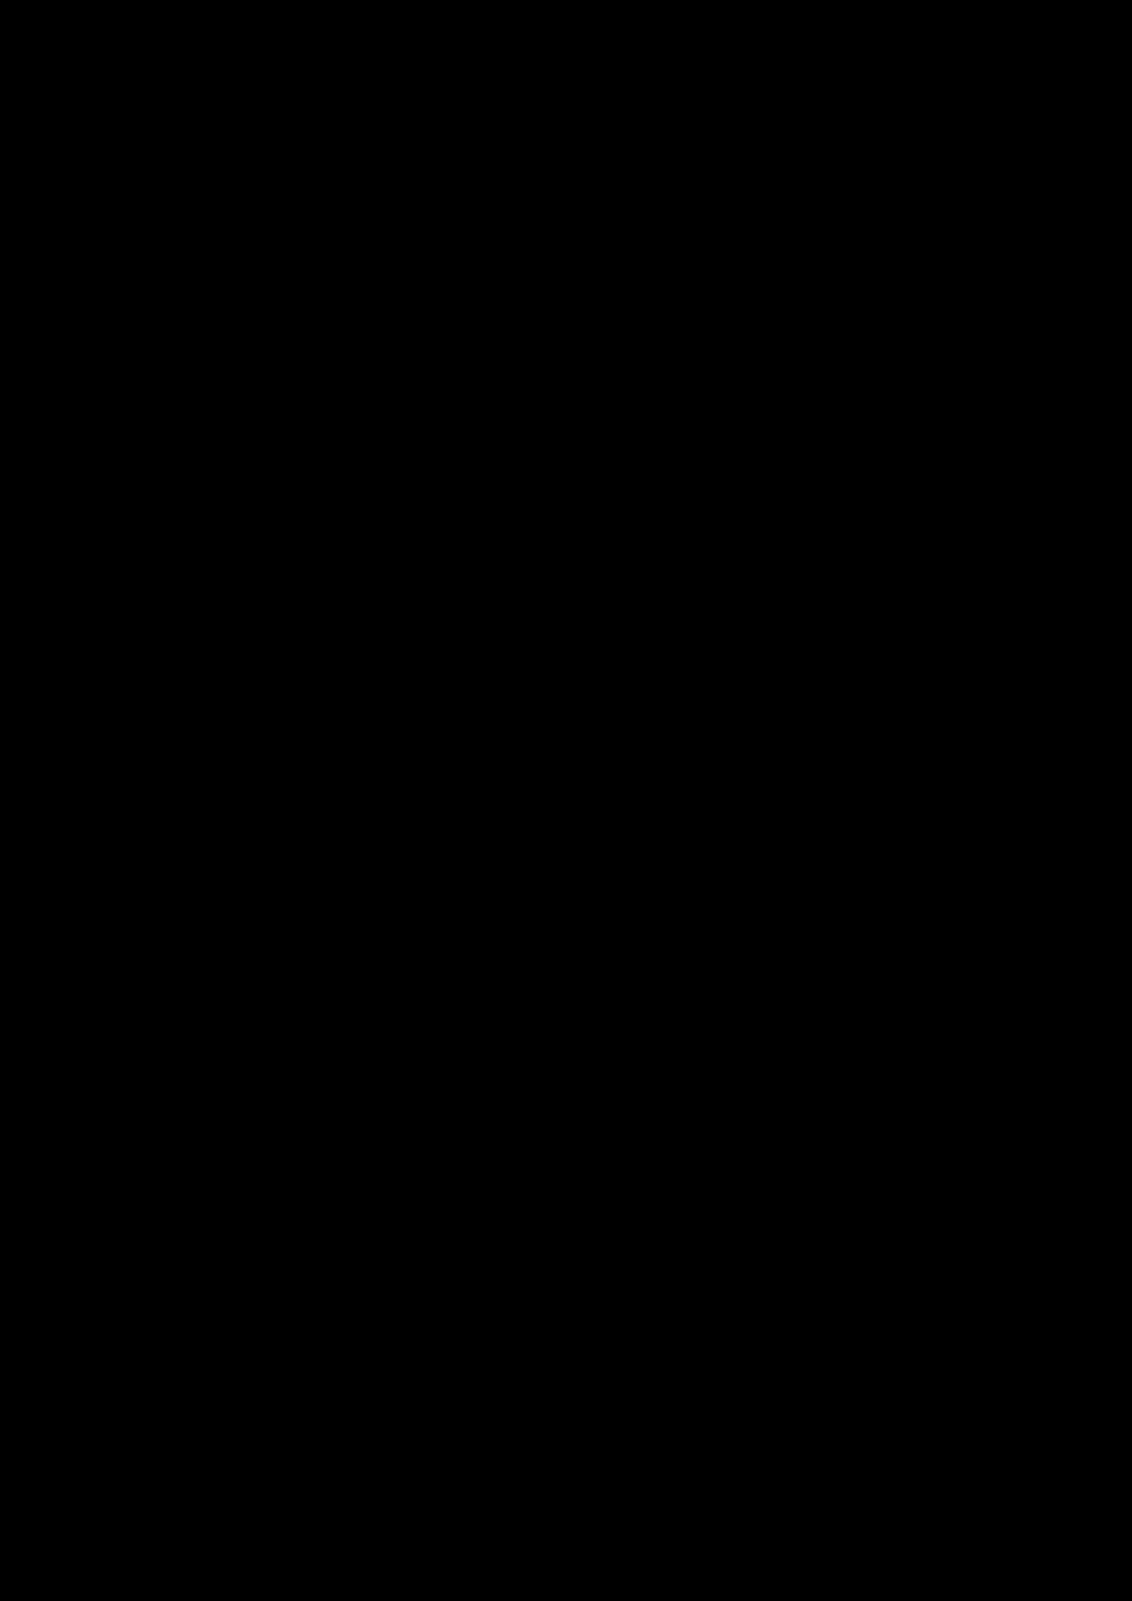 Hools slide, Image 15